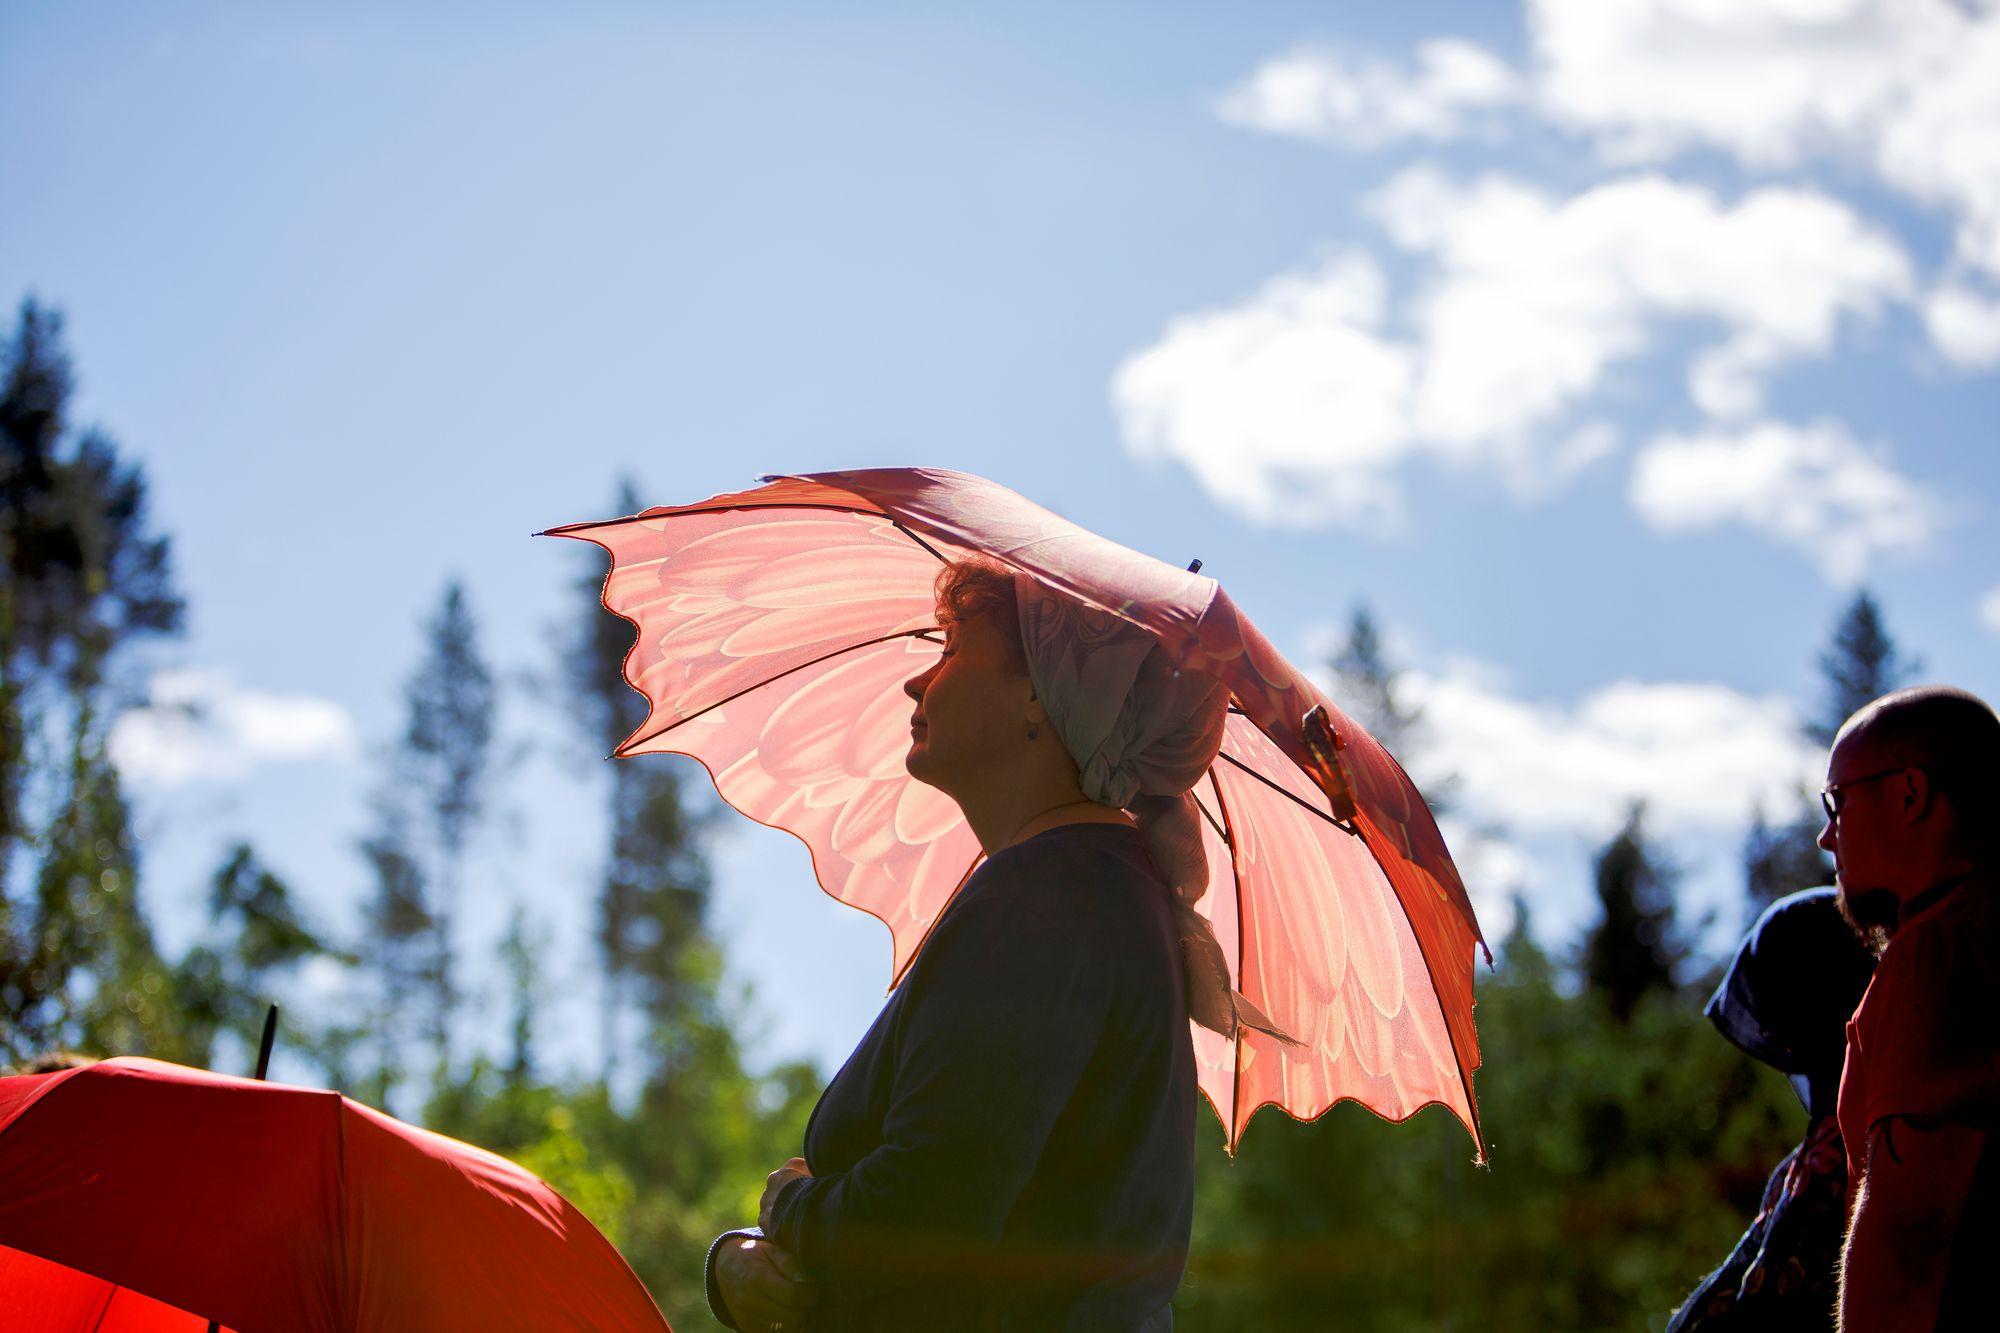 Helteinen paahde sävyttää kesäistä jumalanpalvelusta keuruulaisperheen pihalla. © Hanna-Kaisa Hämäläinen